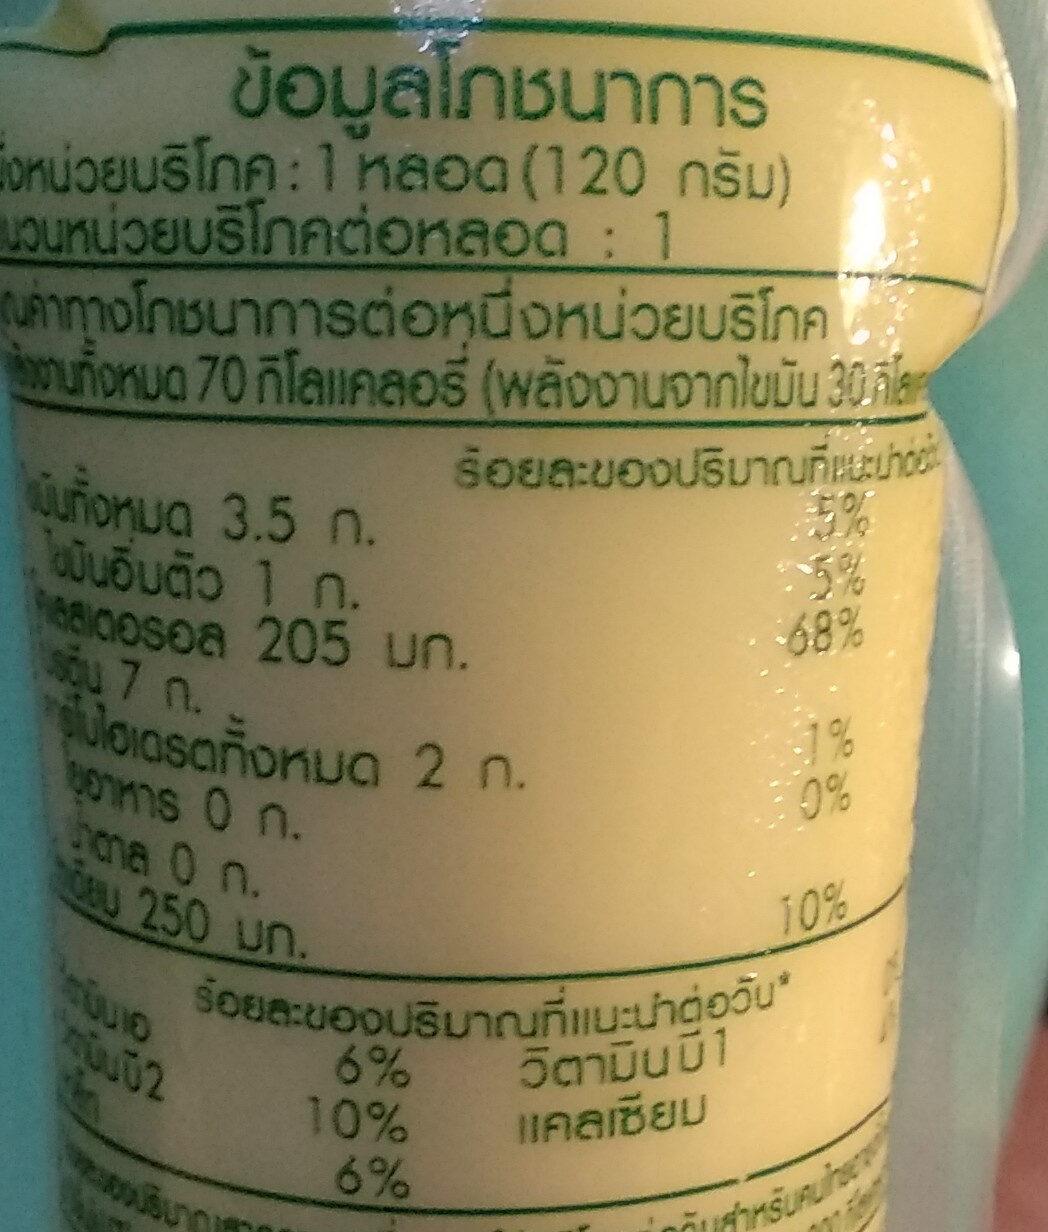 เต้าหู้ไข่ไก่ - Nutrition facts